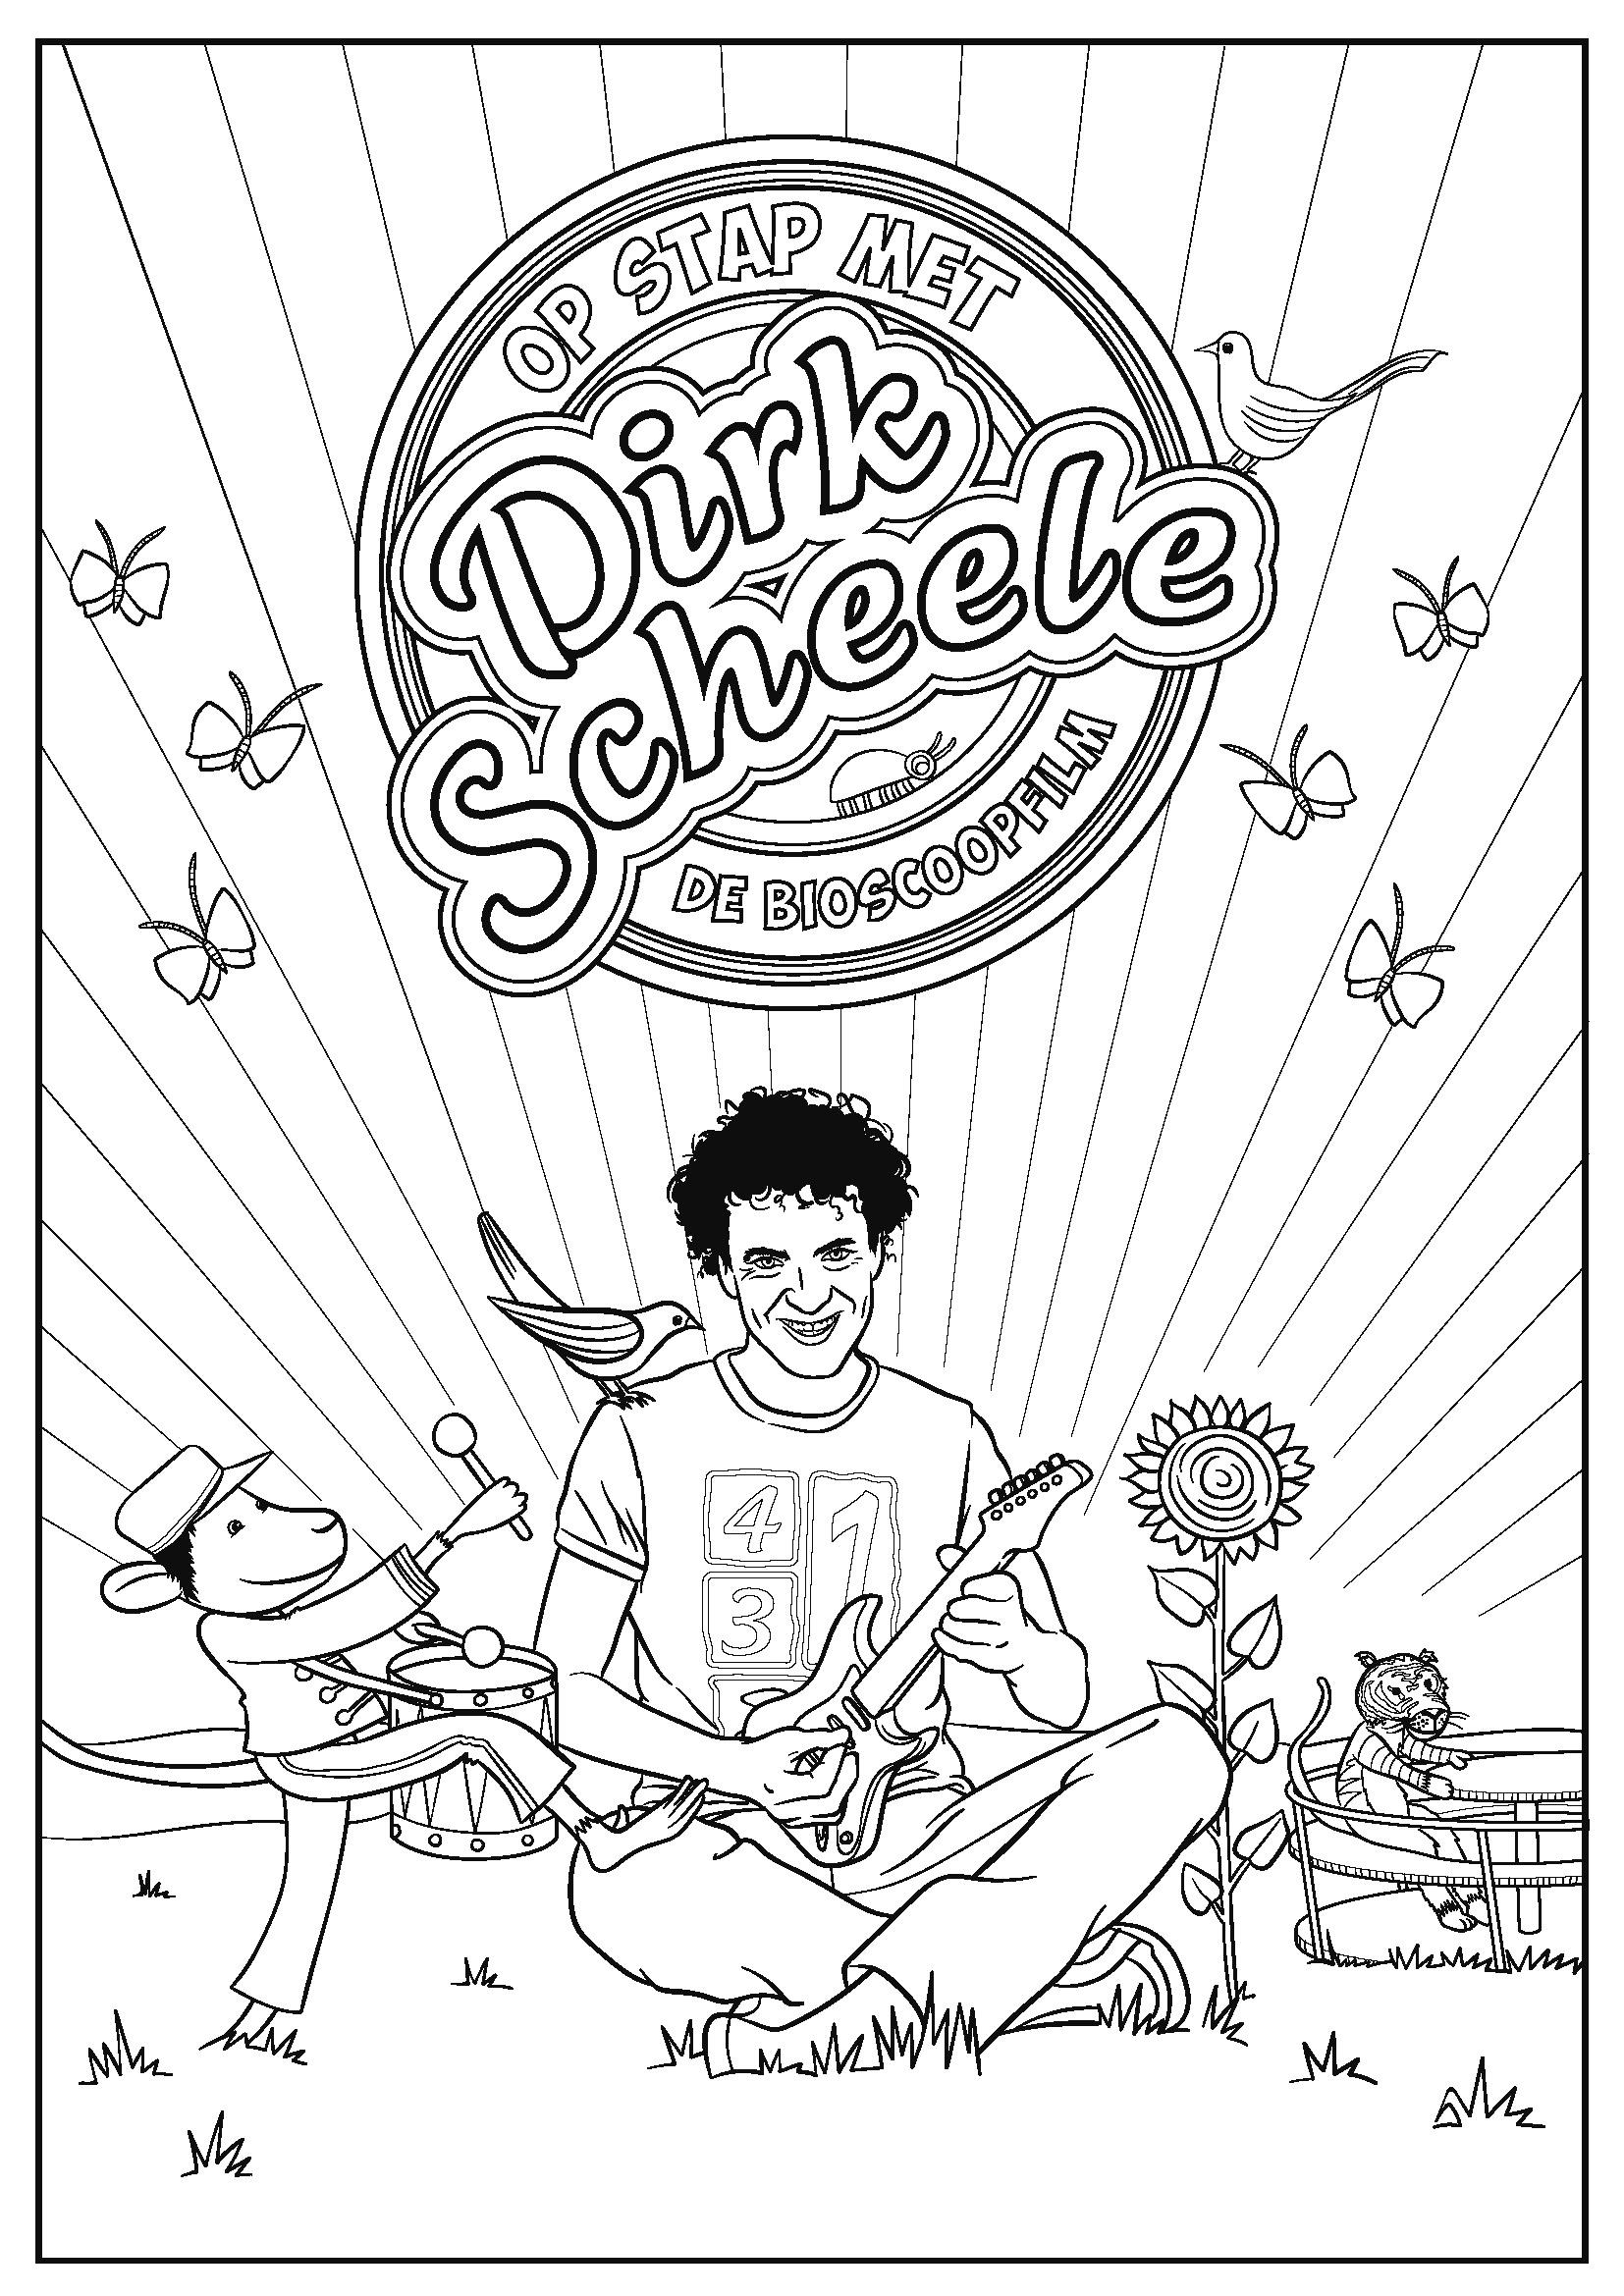 Dirk Scheele kleurplaat